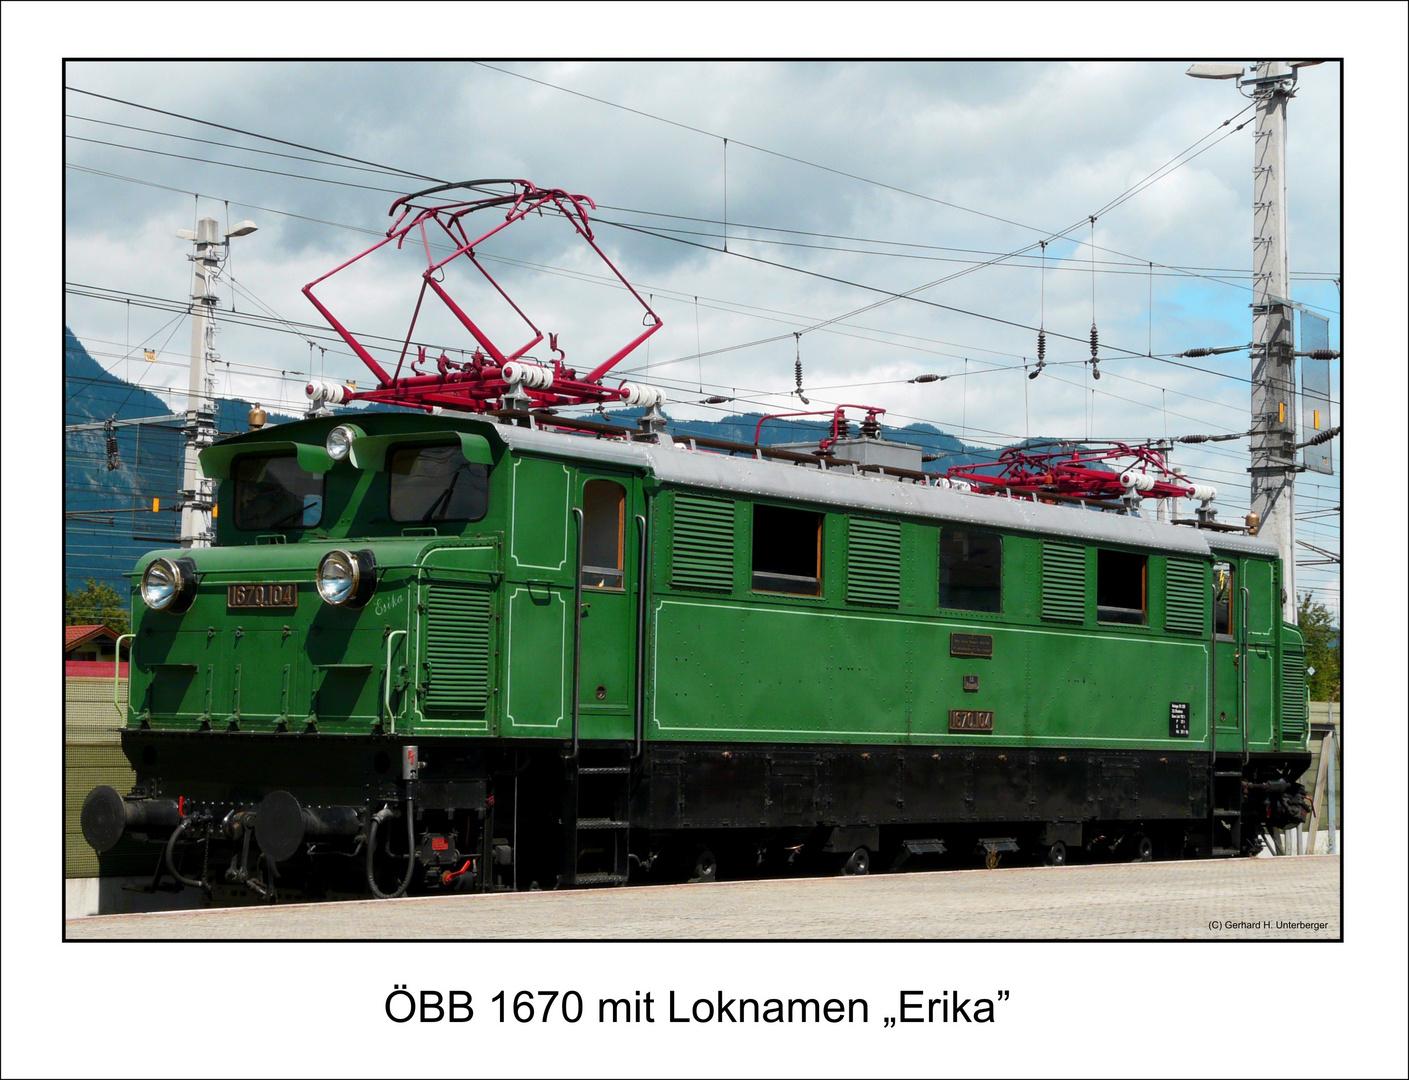 ÖBB 1670